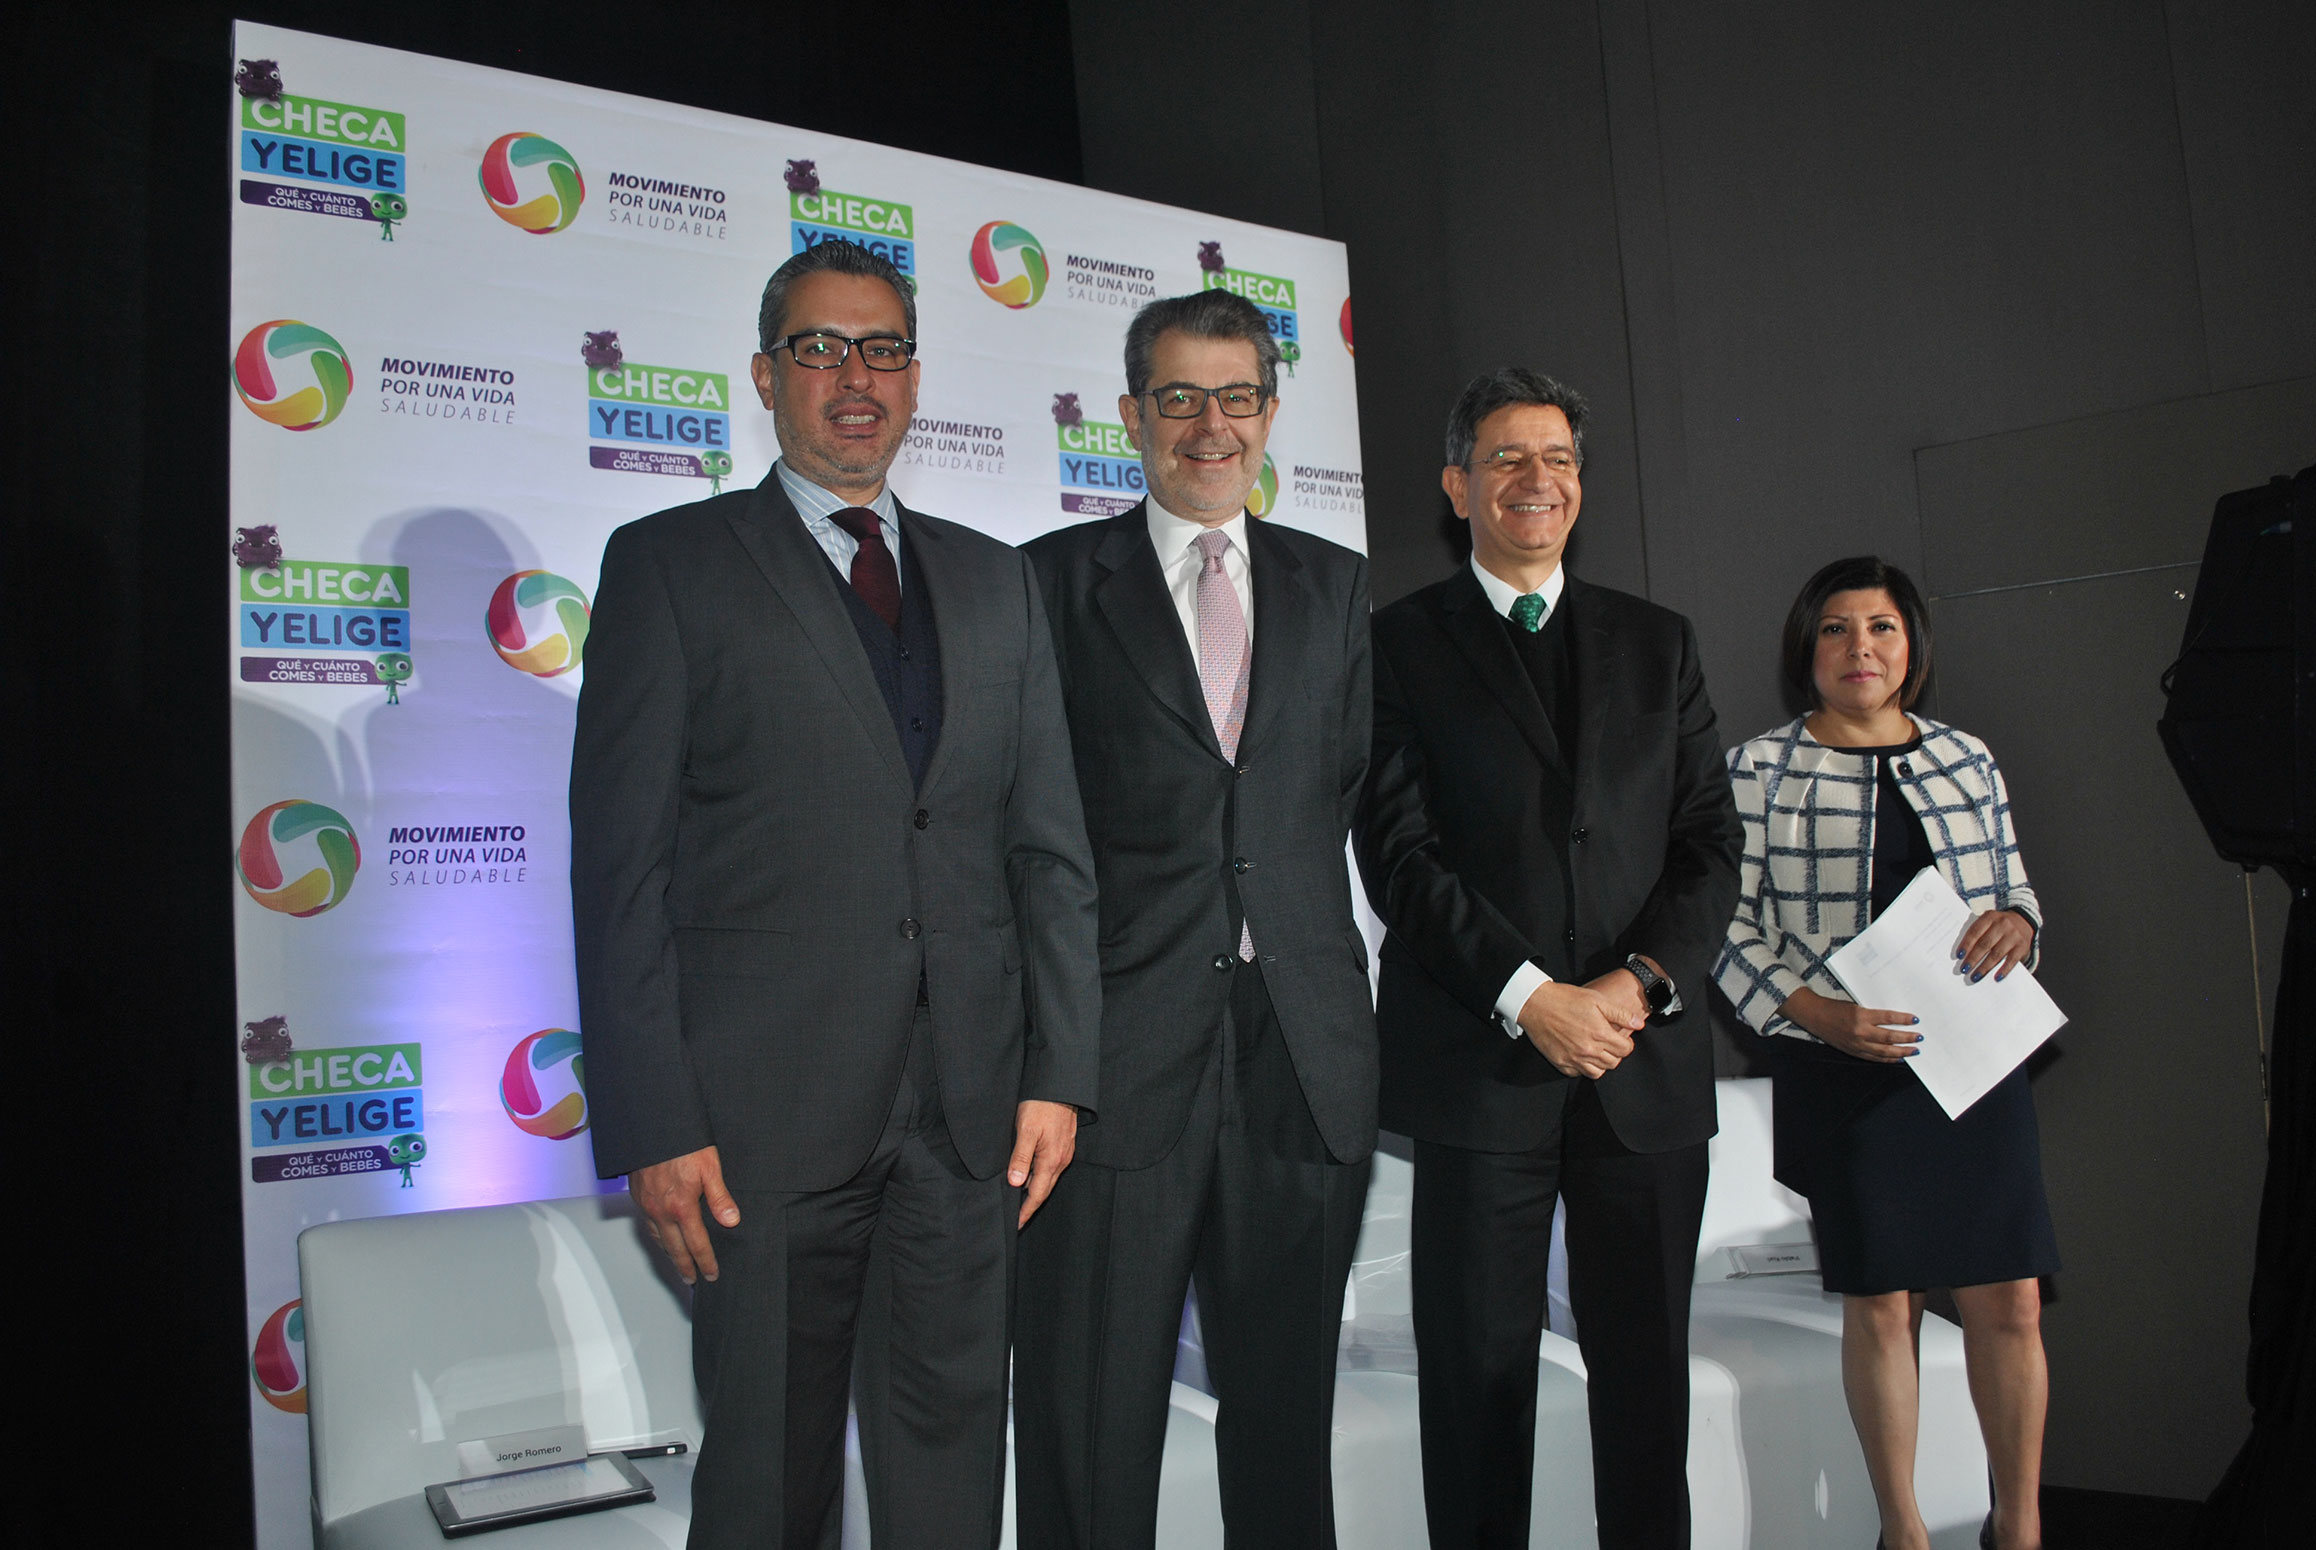 La campaña fue presentada por Jorge Romero, comisionado de Fomento Sanitario de la Cofepris; Jaime Zabludovsky, presidente ejecutivo de Movisa; Pablo Kuri, subsecretario de Promoción de la Salud de la Ssa, y Ericka Quevedo, directora general de Movisa